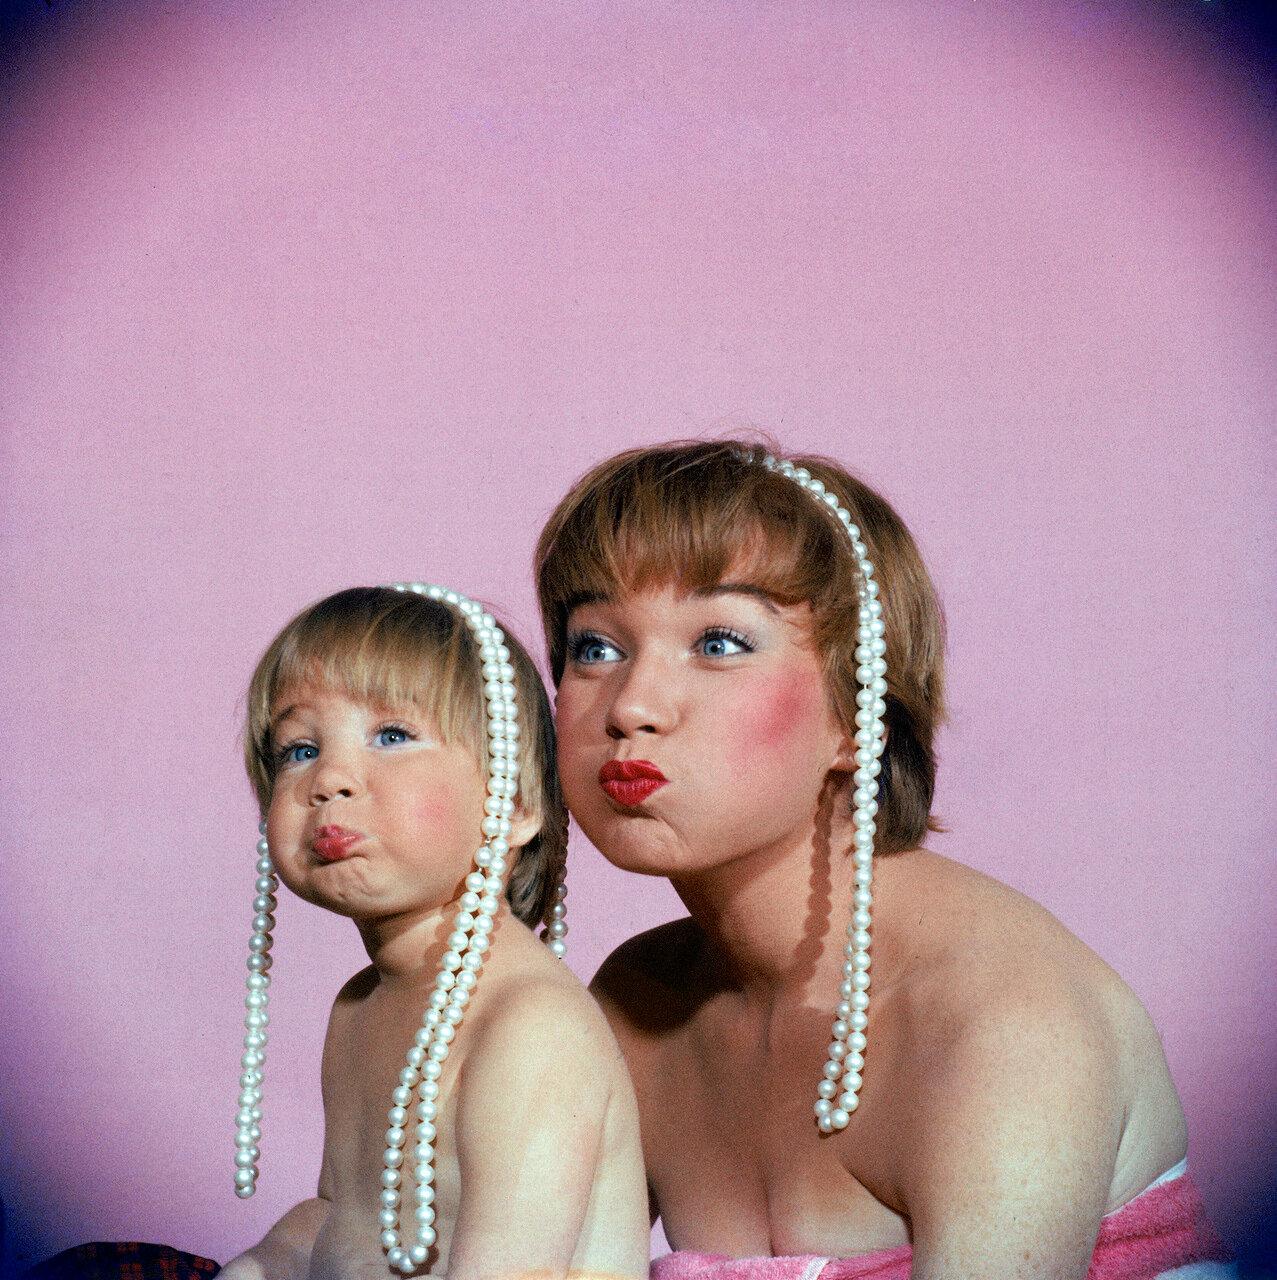 1959. Ширли Маклейн и ее дочь Сати Паркер позируют с жемчужными ожерельями